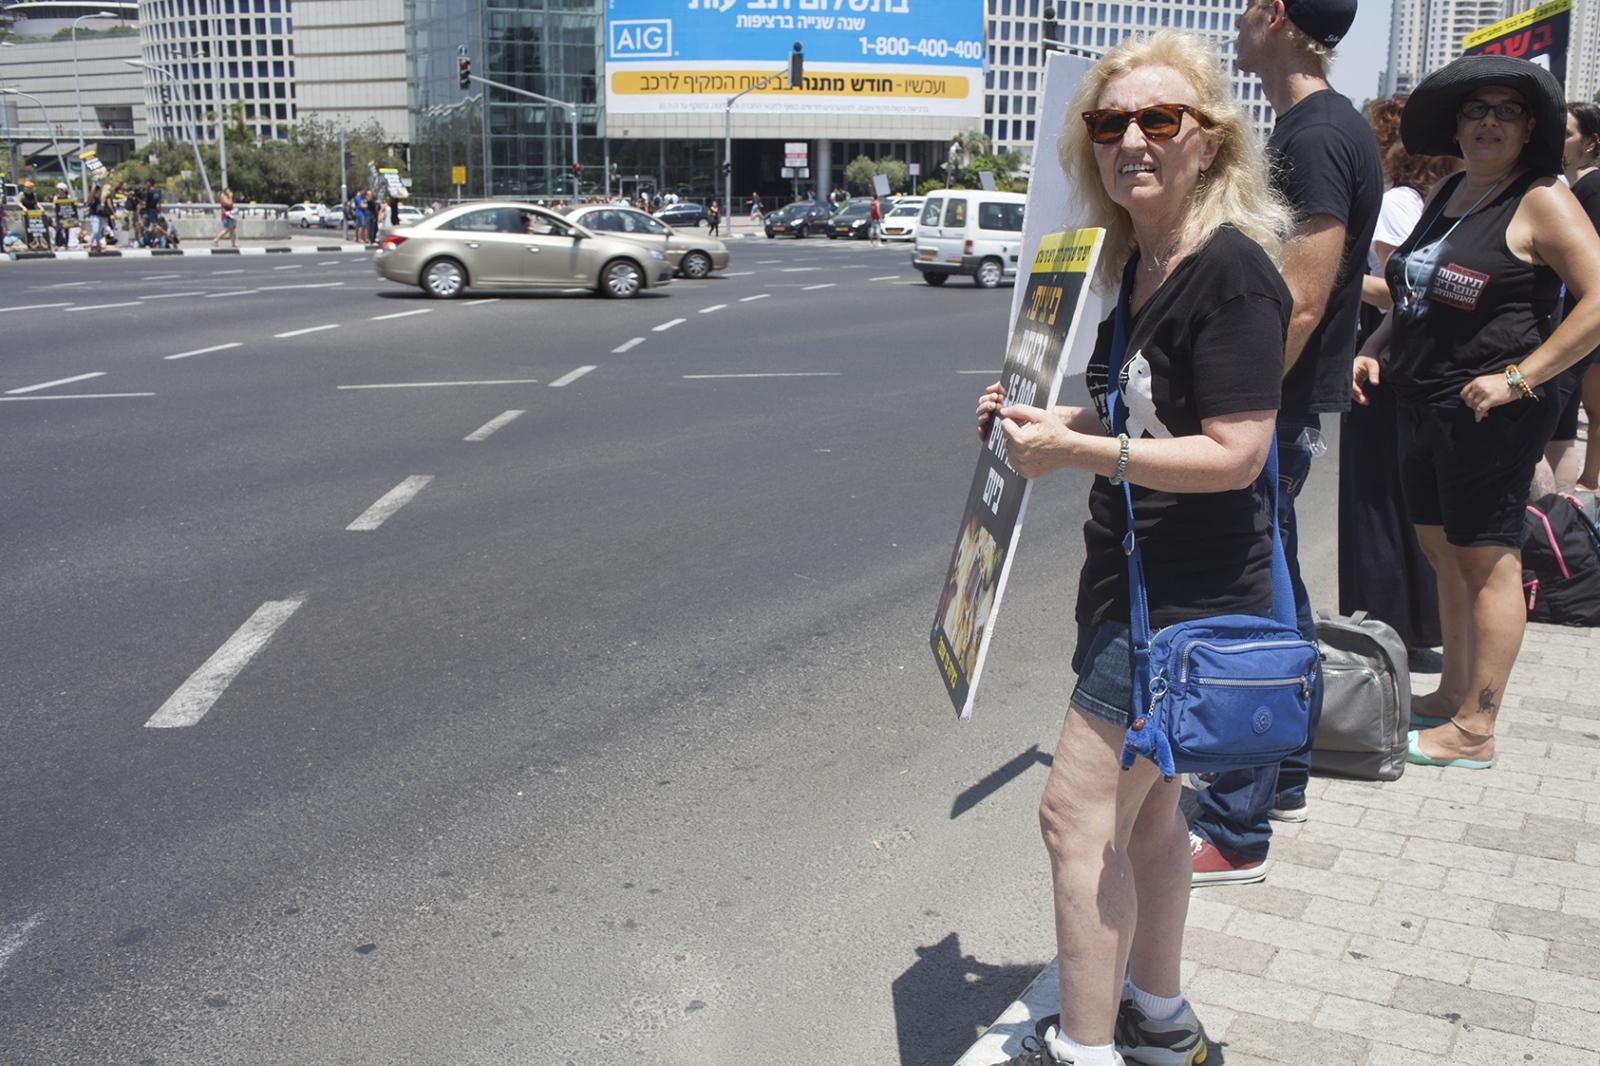 Art and Documentary Photography - Loading ProtestTelaviv.jpg